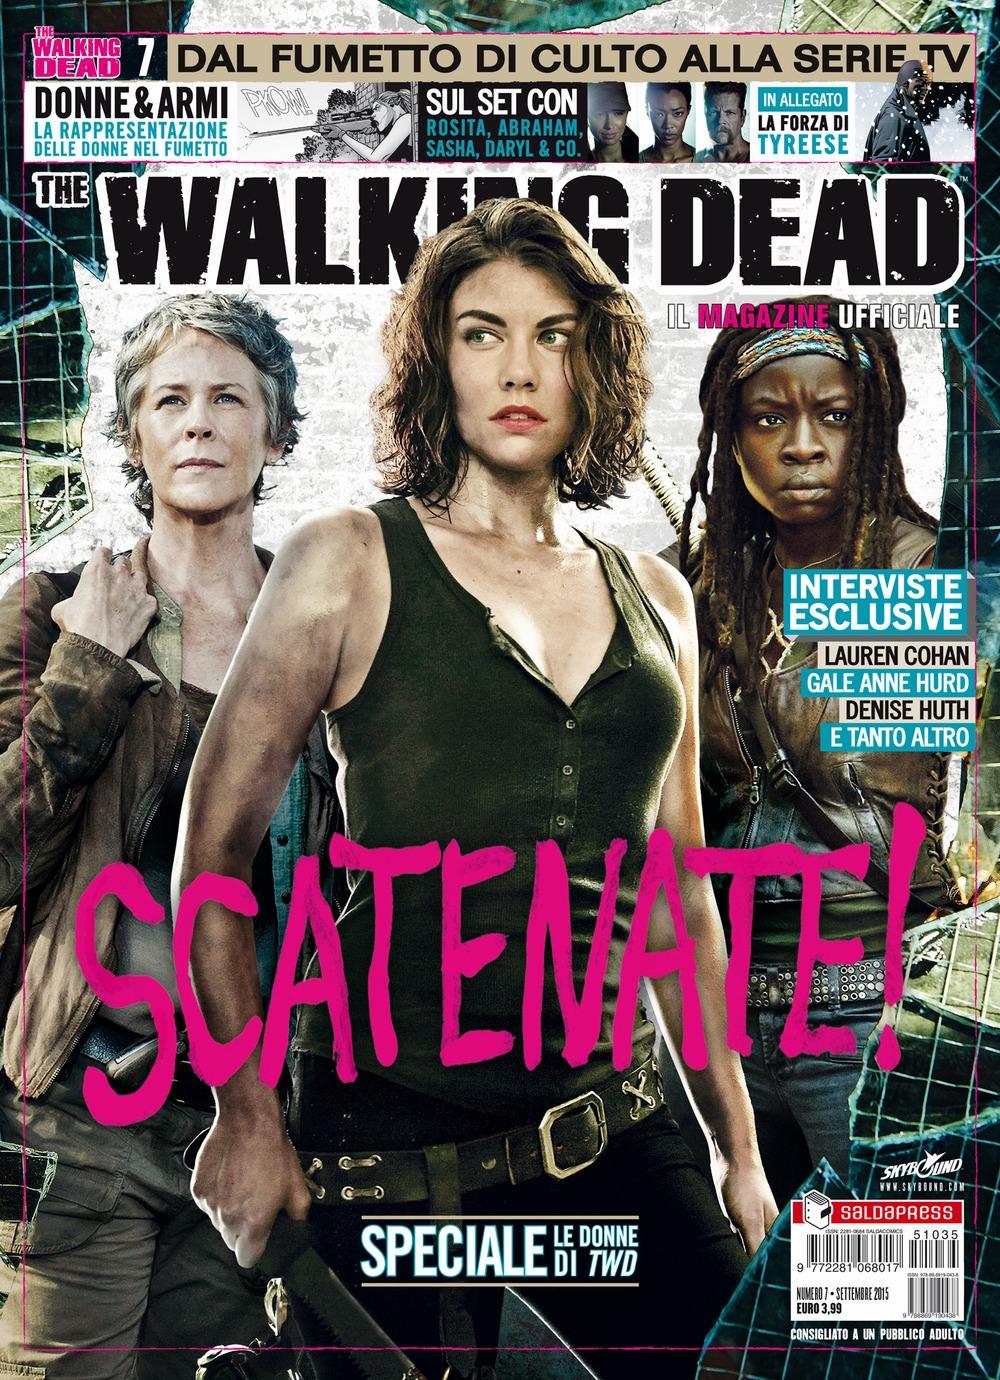 Il Magazine Ufficiale. The Walking Dead. Vol. 7 Donne e Armi. In Allegato - la Forza di Tyreese.